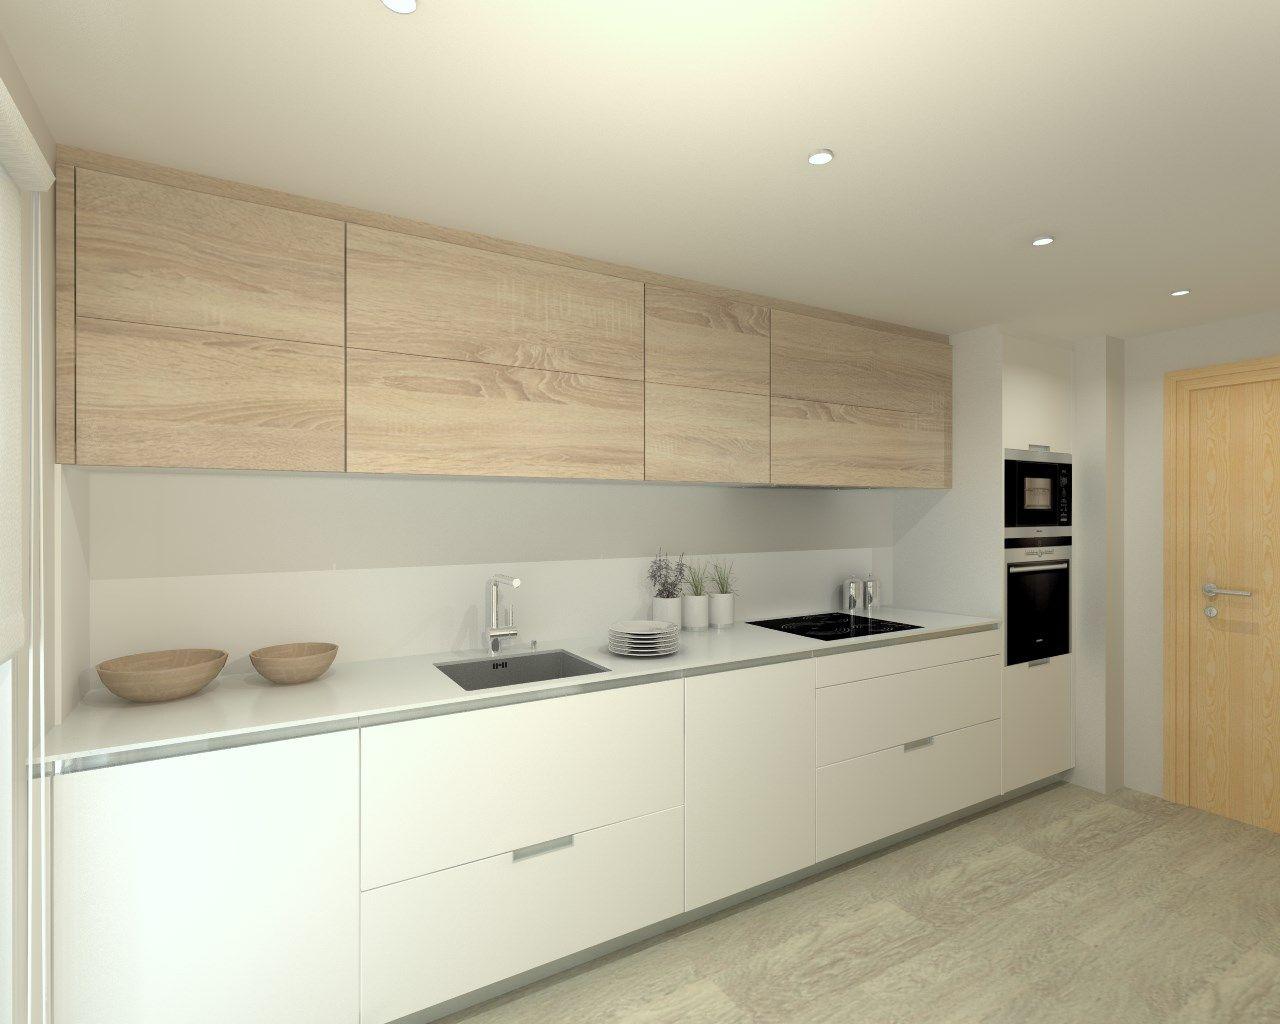 Proyectos de cocina en madrid cocina pinterest for Cocinas integrales modernas